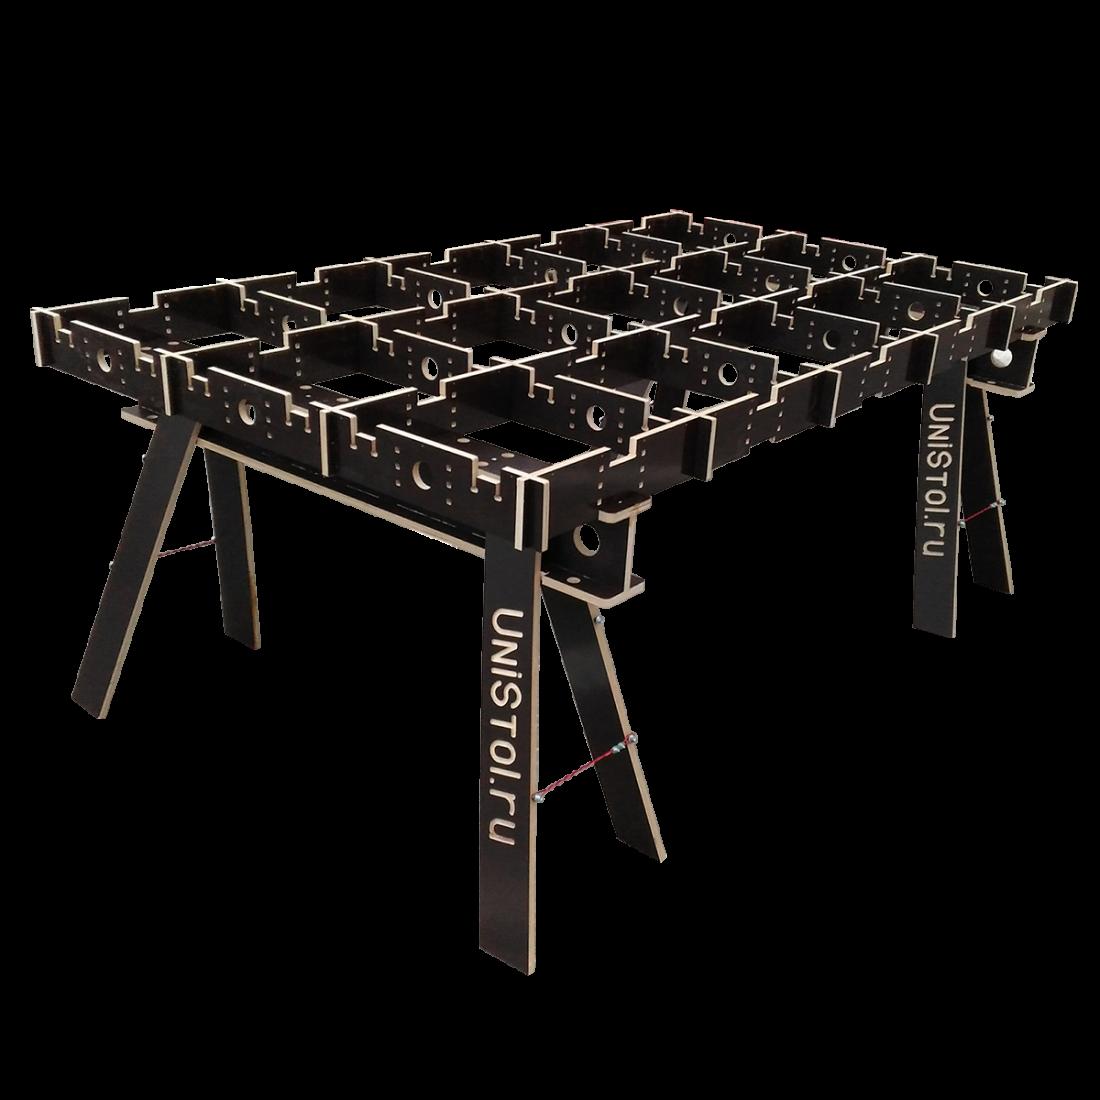 Ячеистый стол для раскроя листовых материалов 2000x1200 мм без столешницы